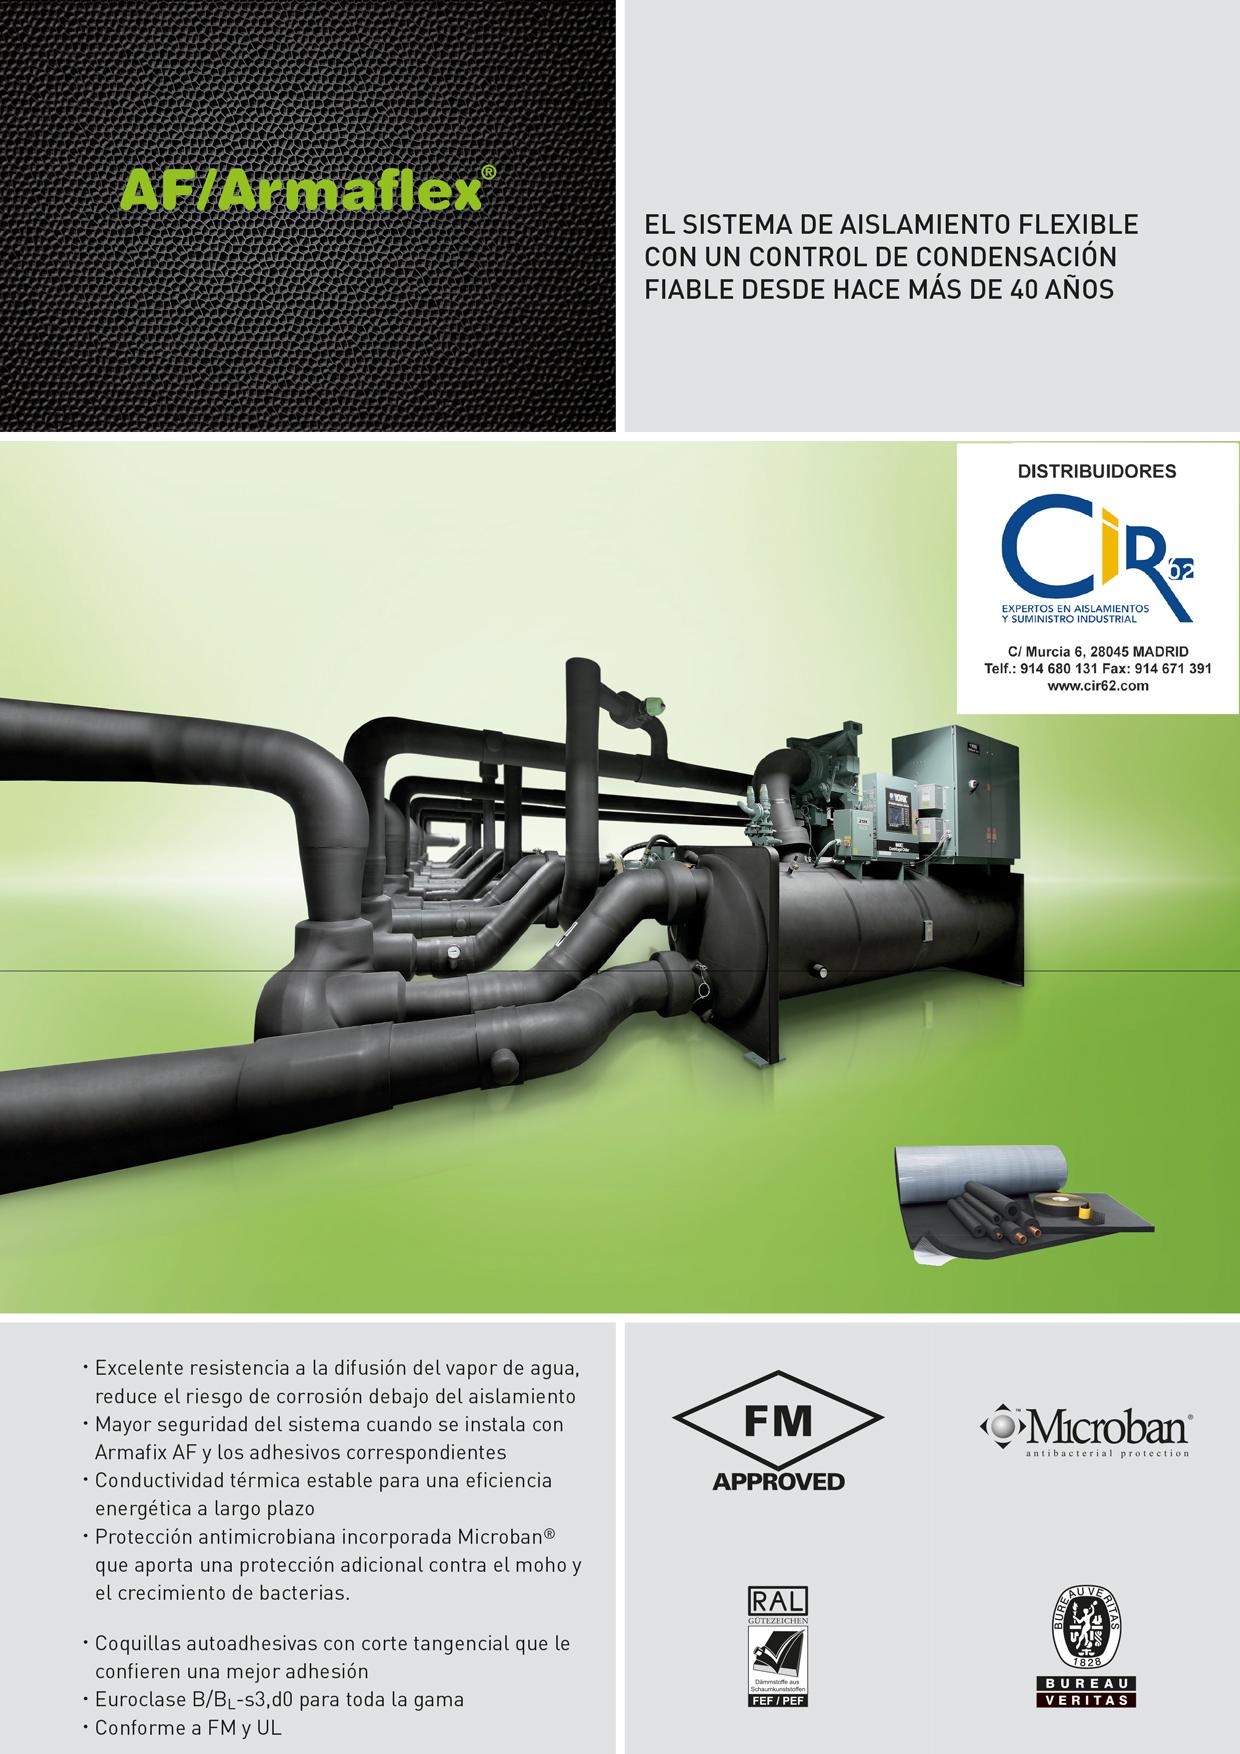 Catalogo-Armaflex-AF-portada-sellada.jpg